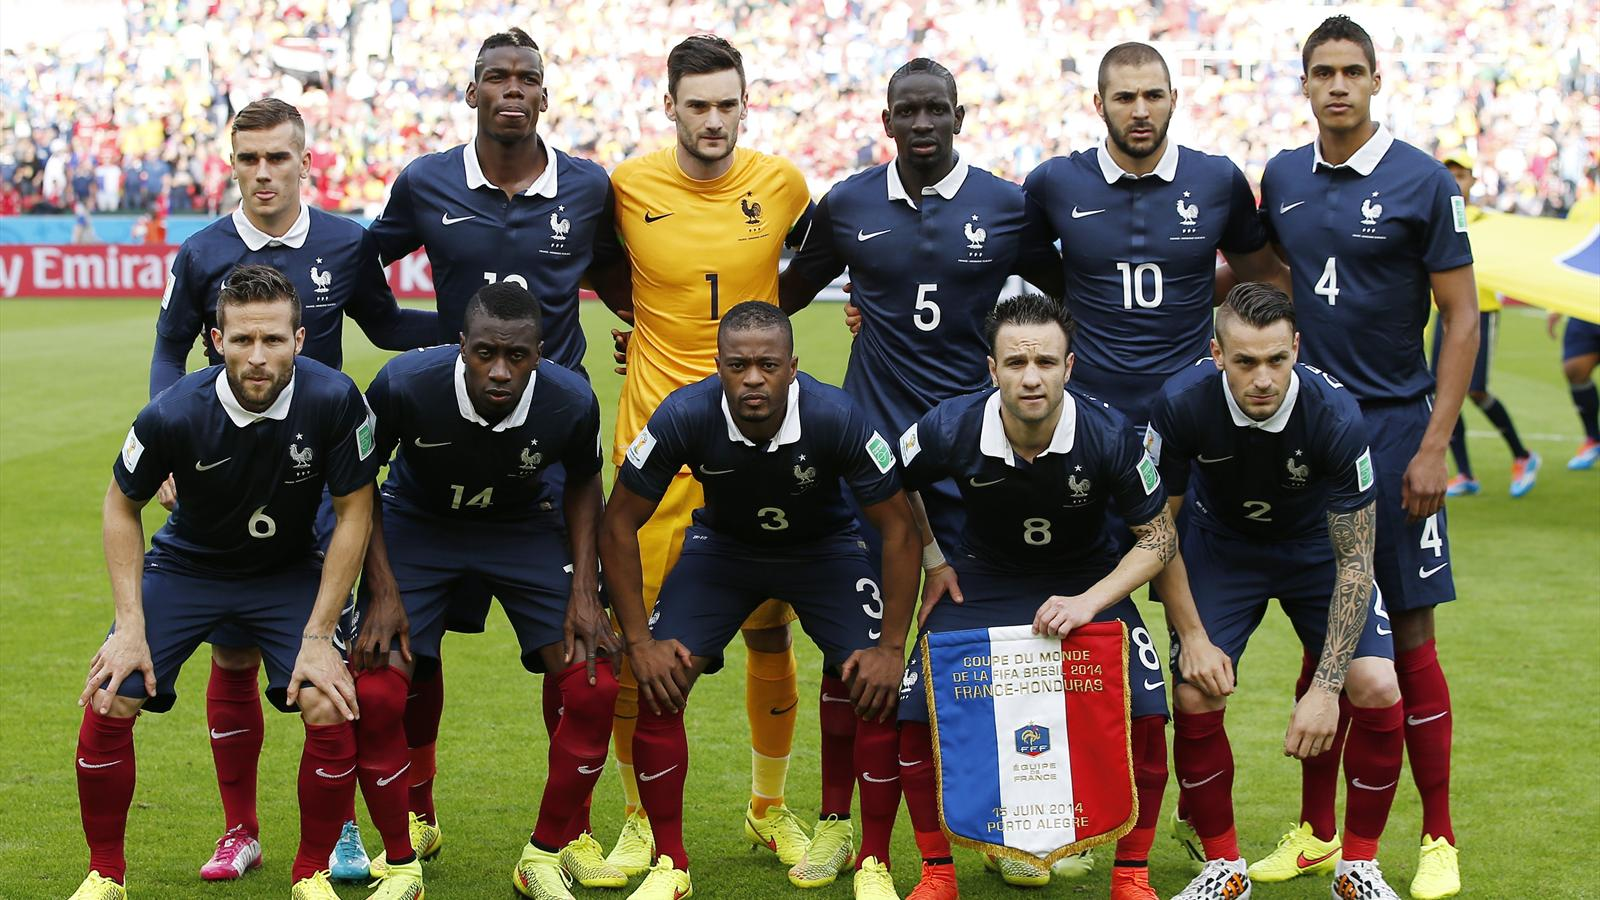 France honduras ils ne la chantent pas mais ils ont besoin d 39 entendre leur marseillaise - Classement de coupe de france ...